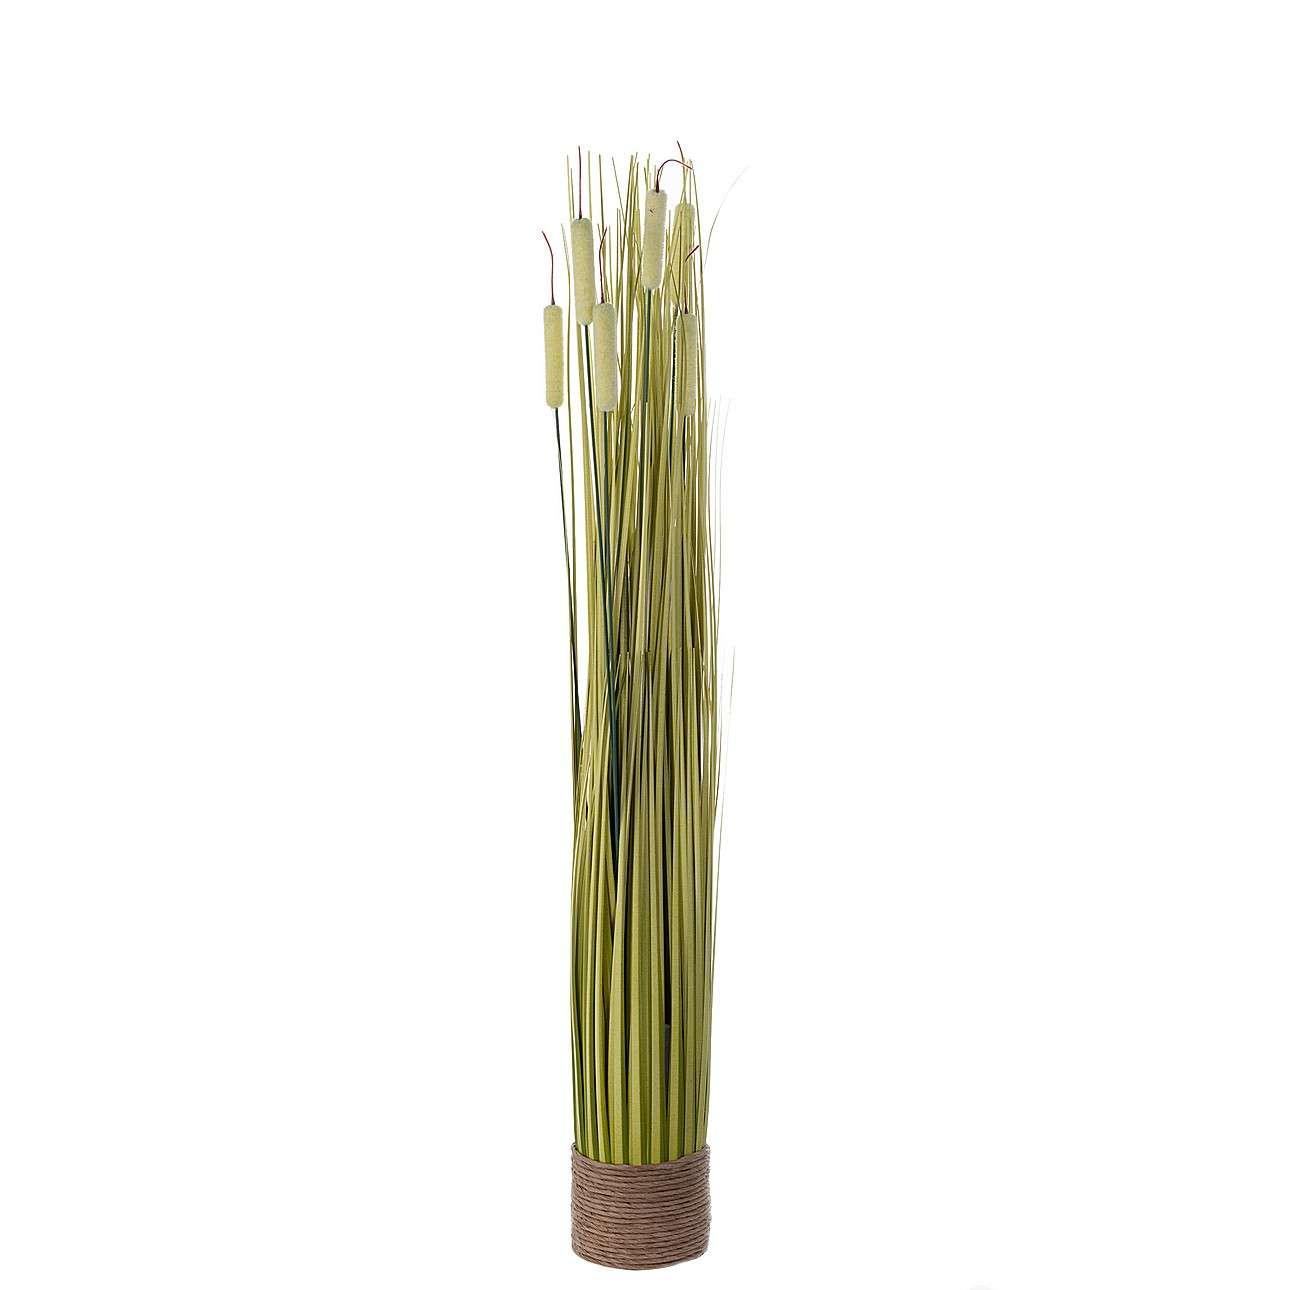 Dekoration Grass 83 cm